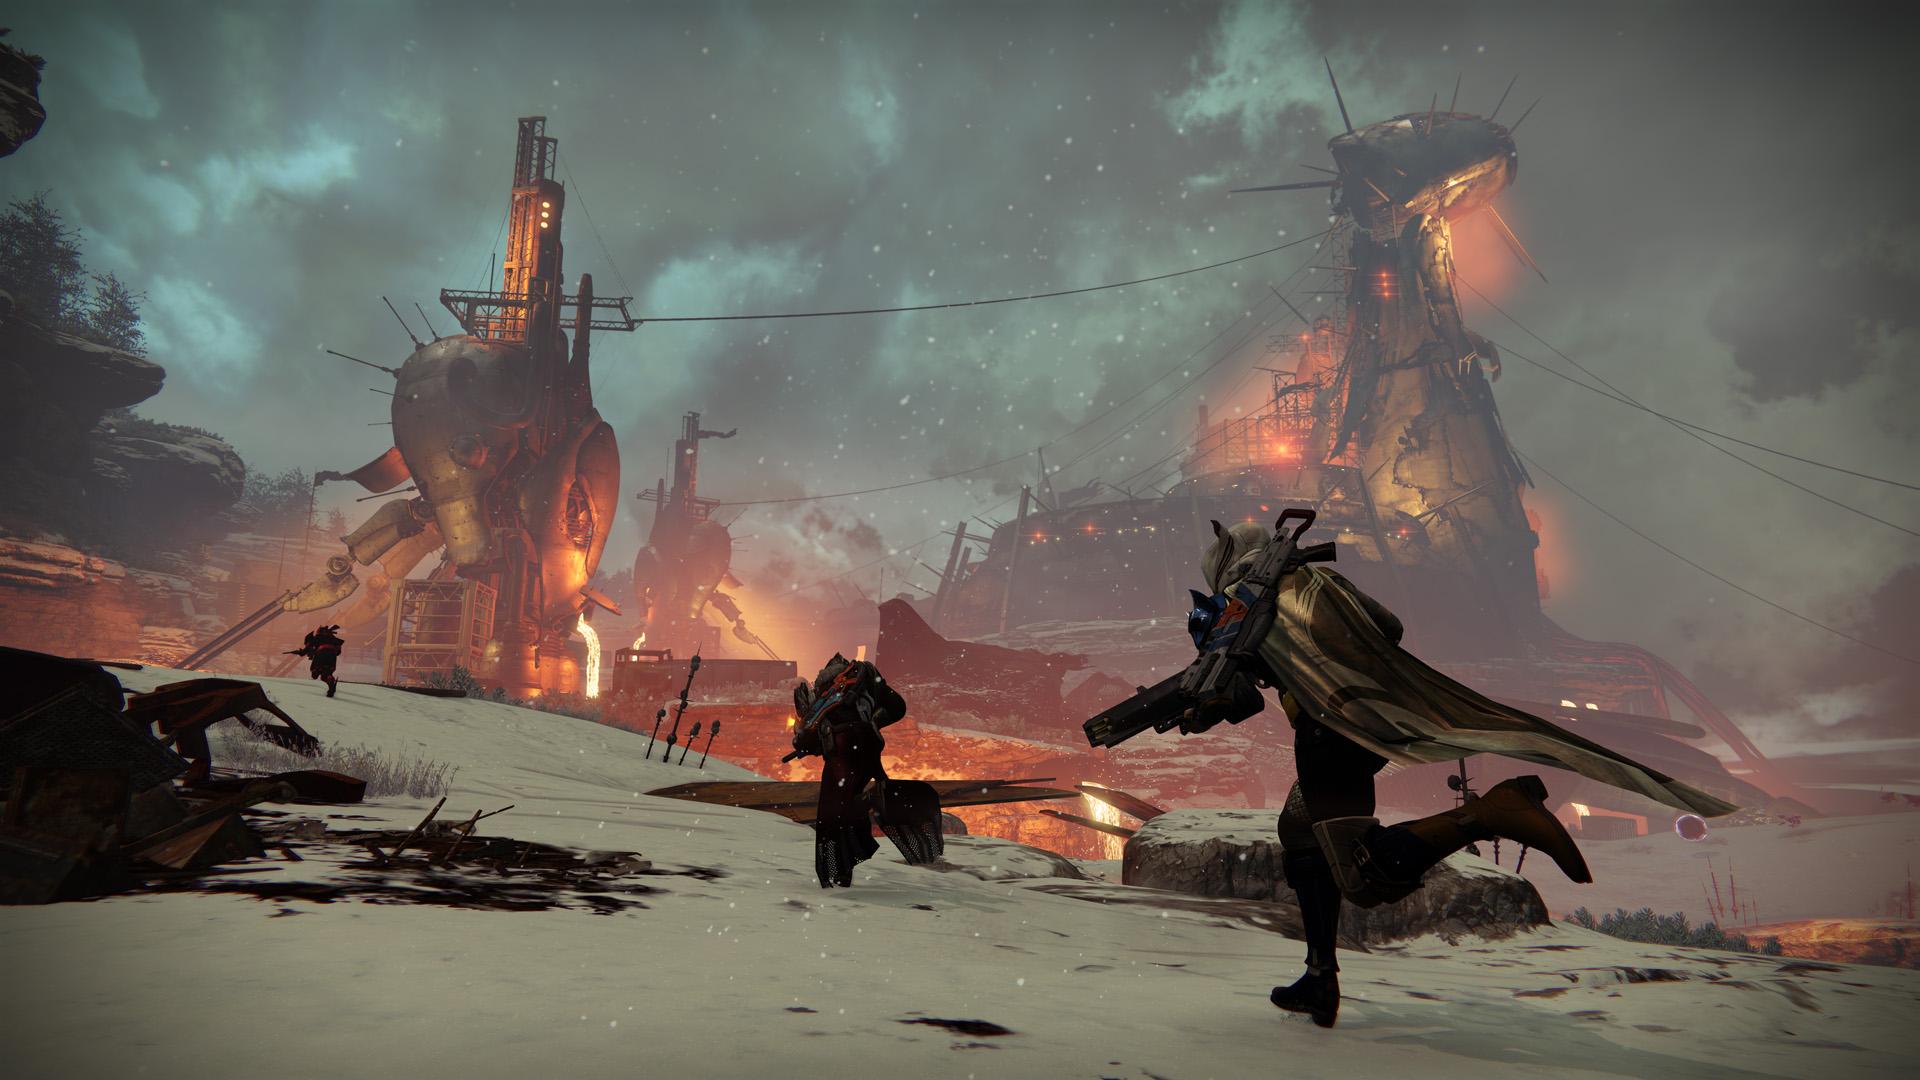 destiny hotfix fixes winter s run skeleton key drops vanguard loot